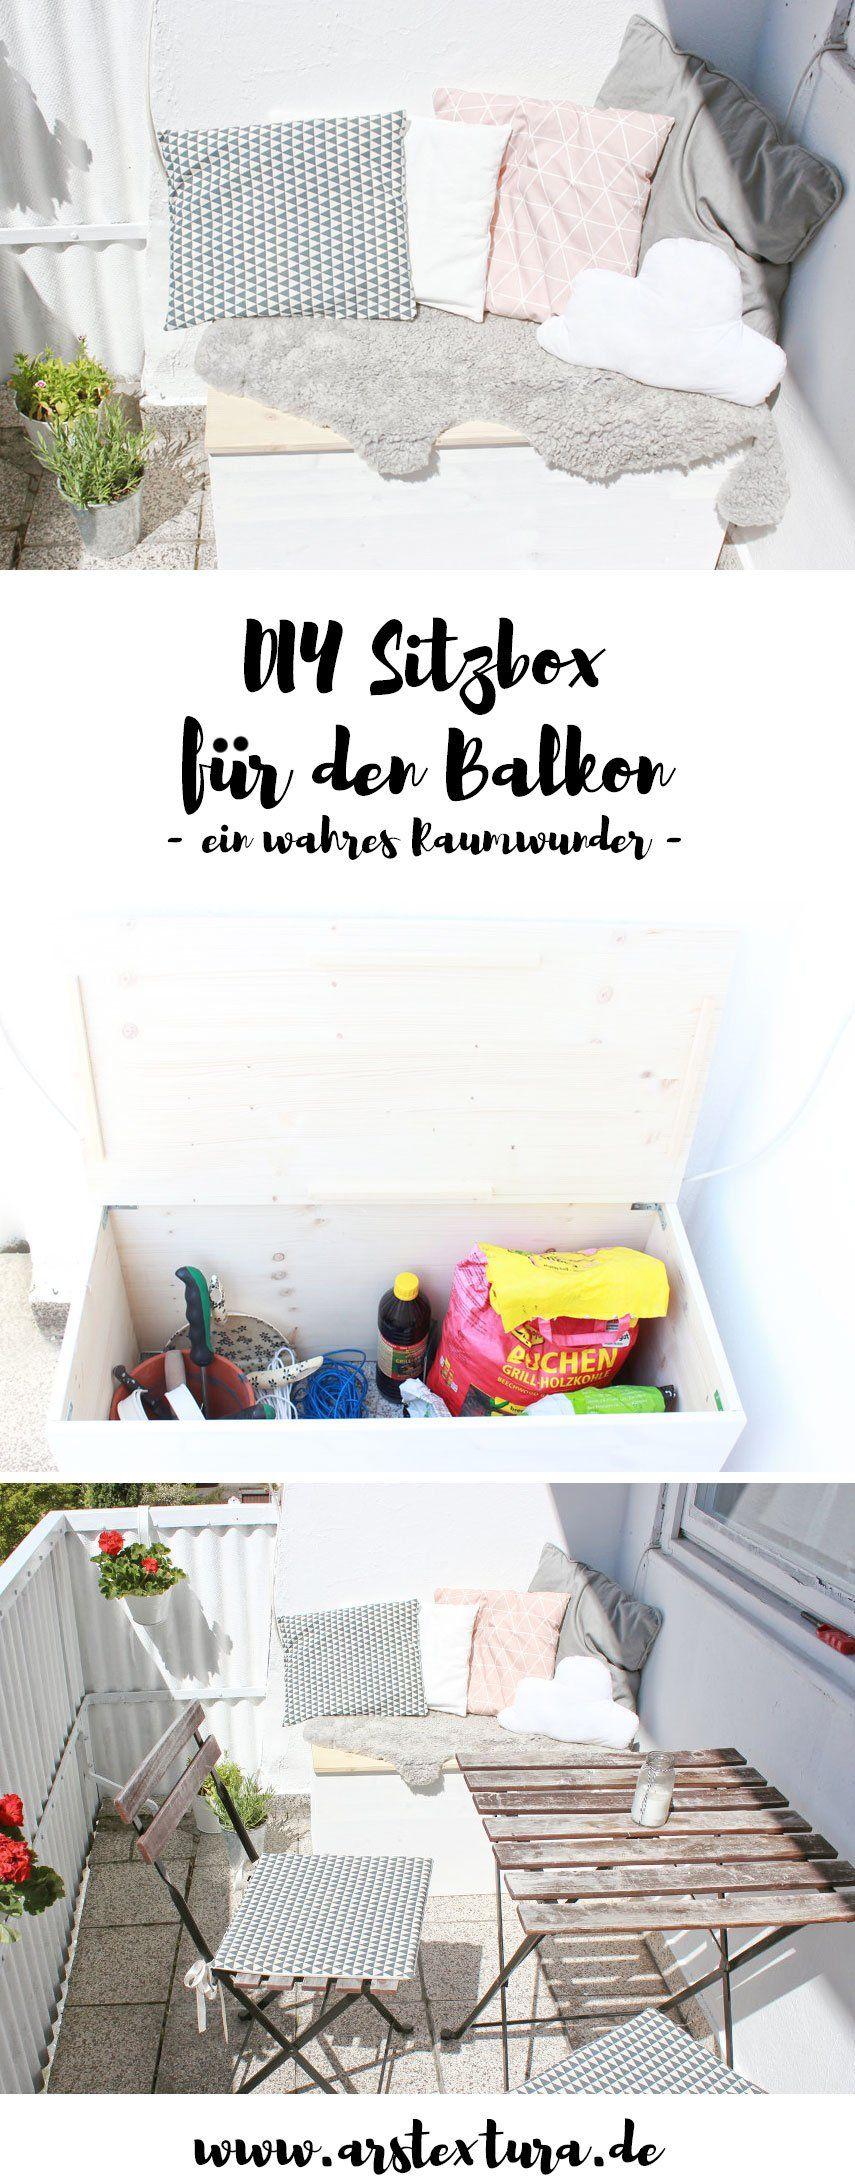 Ordnung für den Balkon... meine DIY Sitzbox | ars textura – DIY-Blog